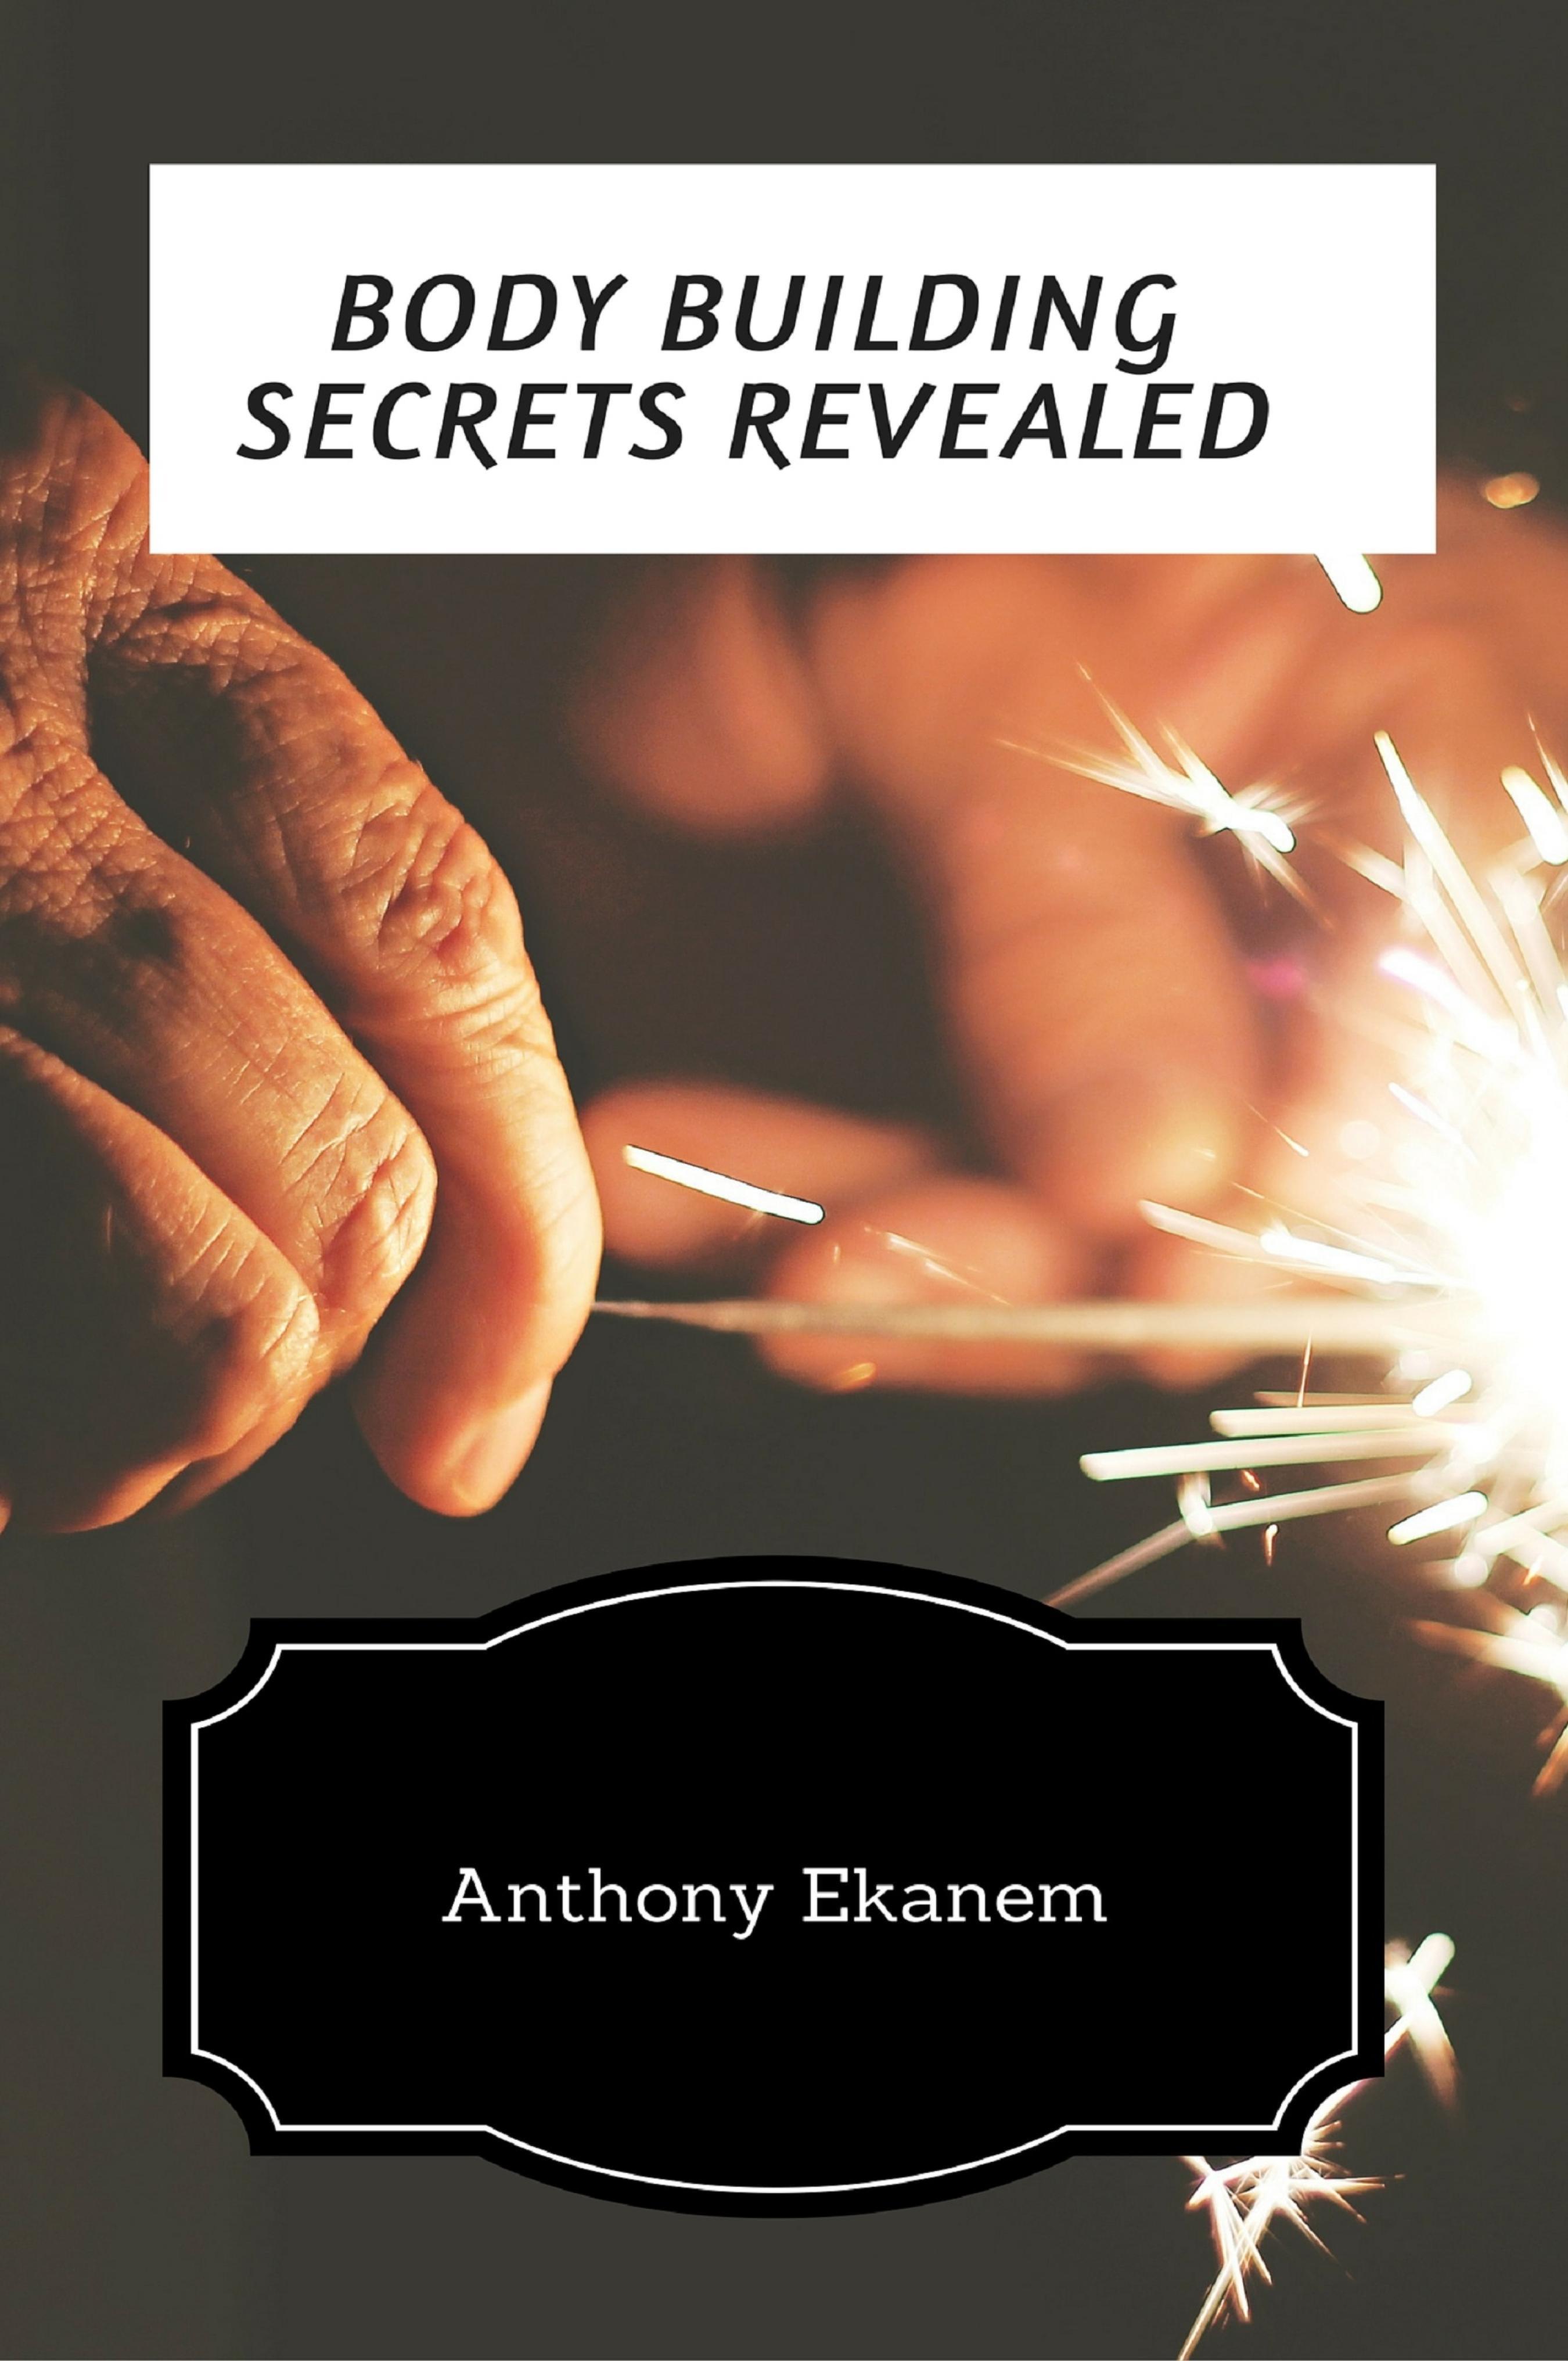 Anthony Ekanem Body Building Secrets Revealed revealed